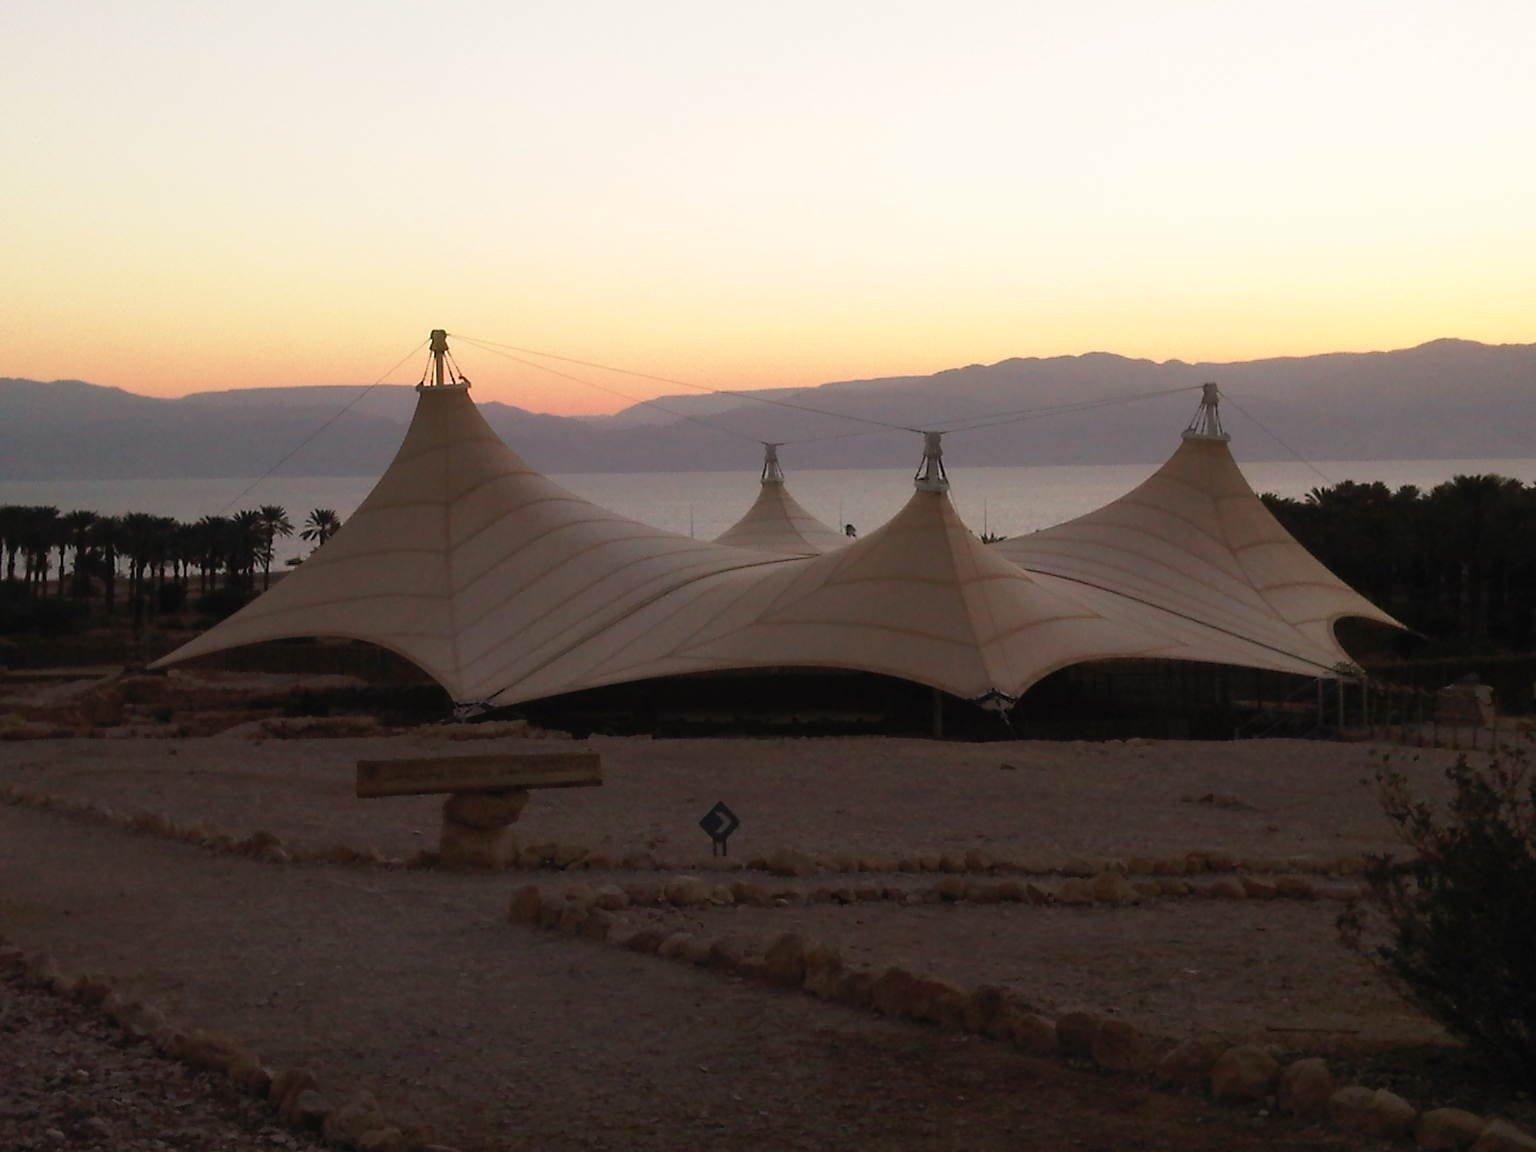 בית הכנסת העתיק עין גדי